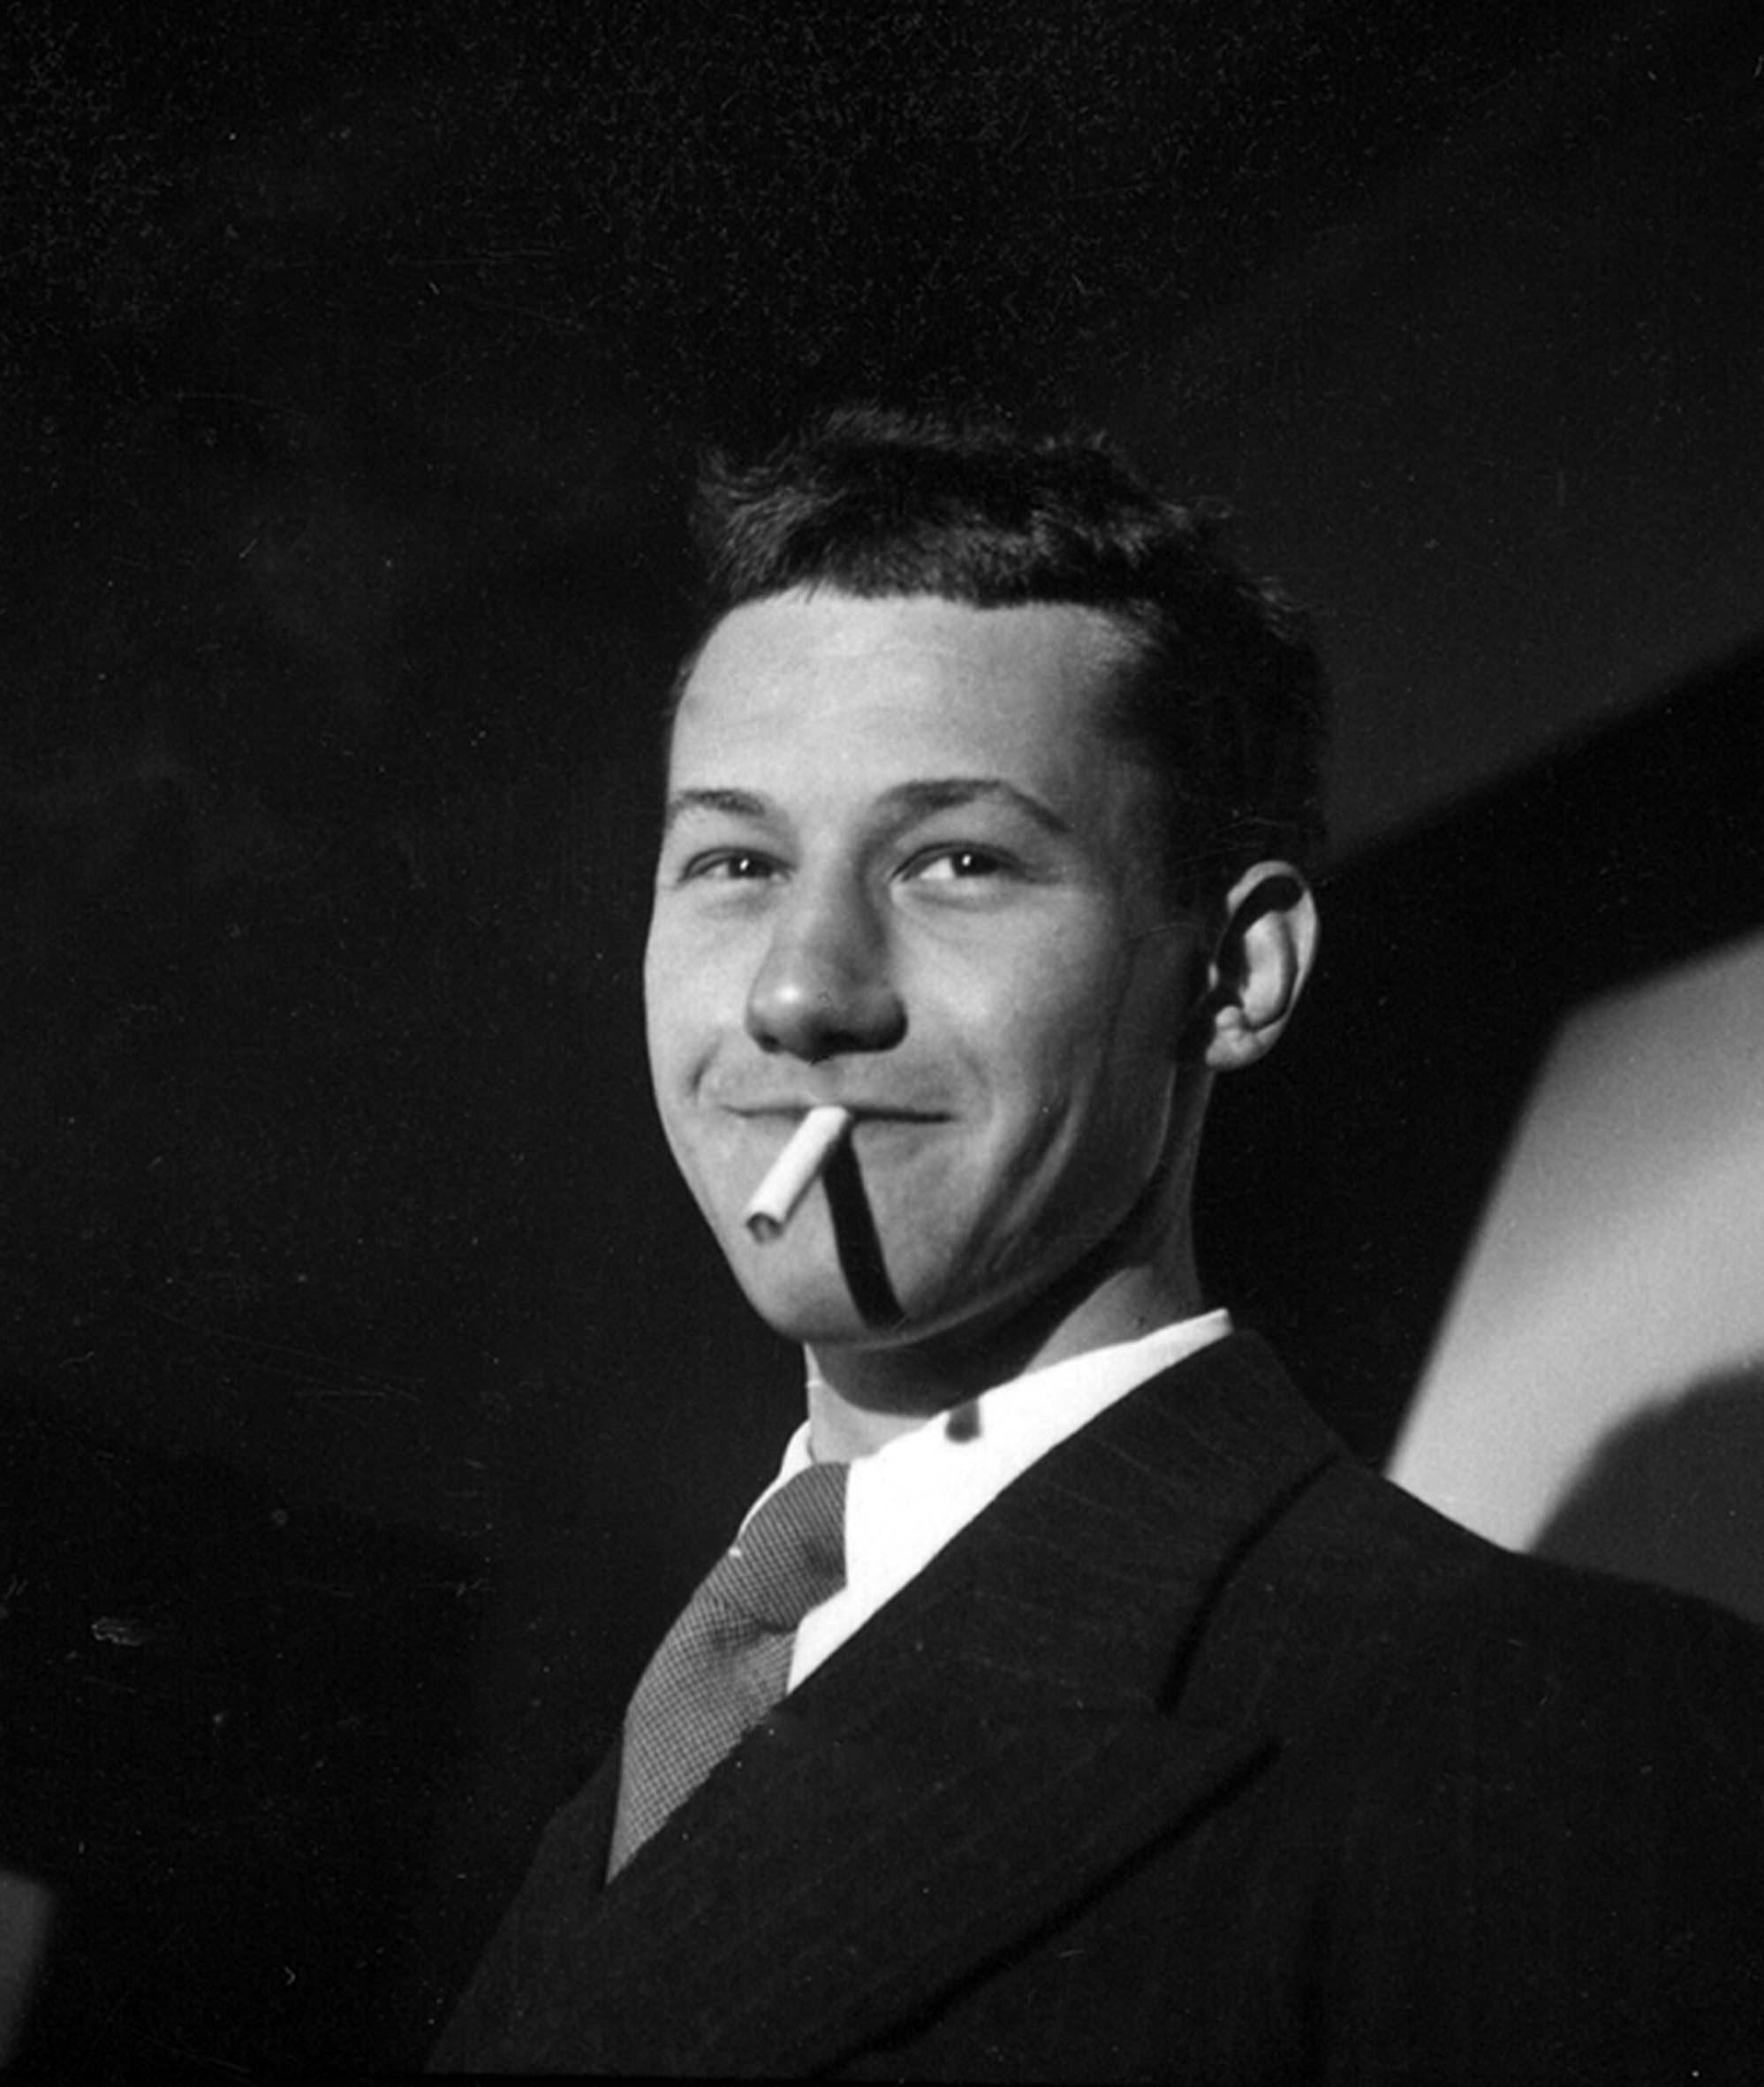 MICHEL PETITJEAN 1933